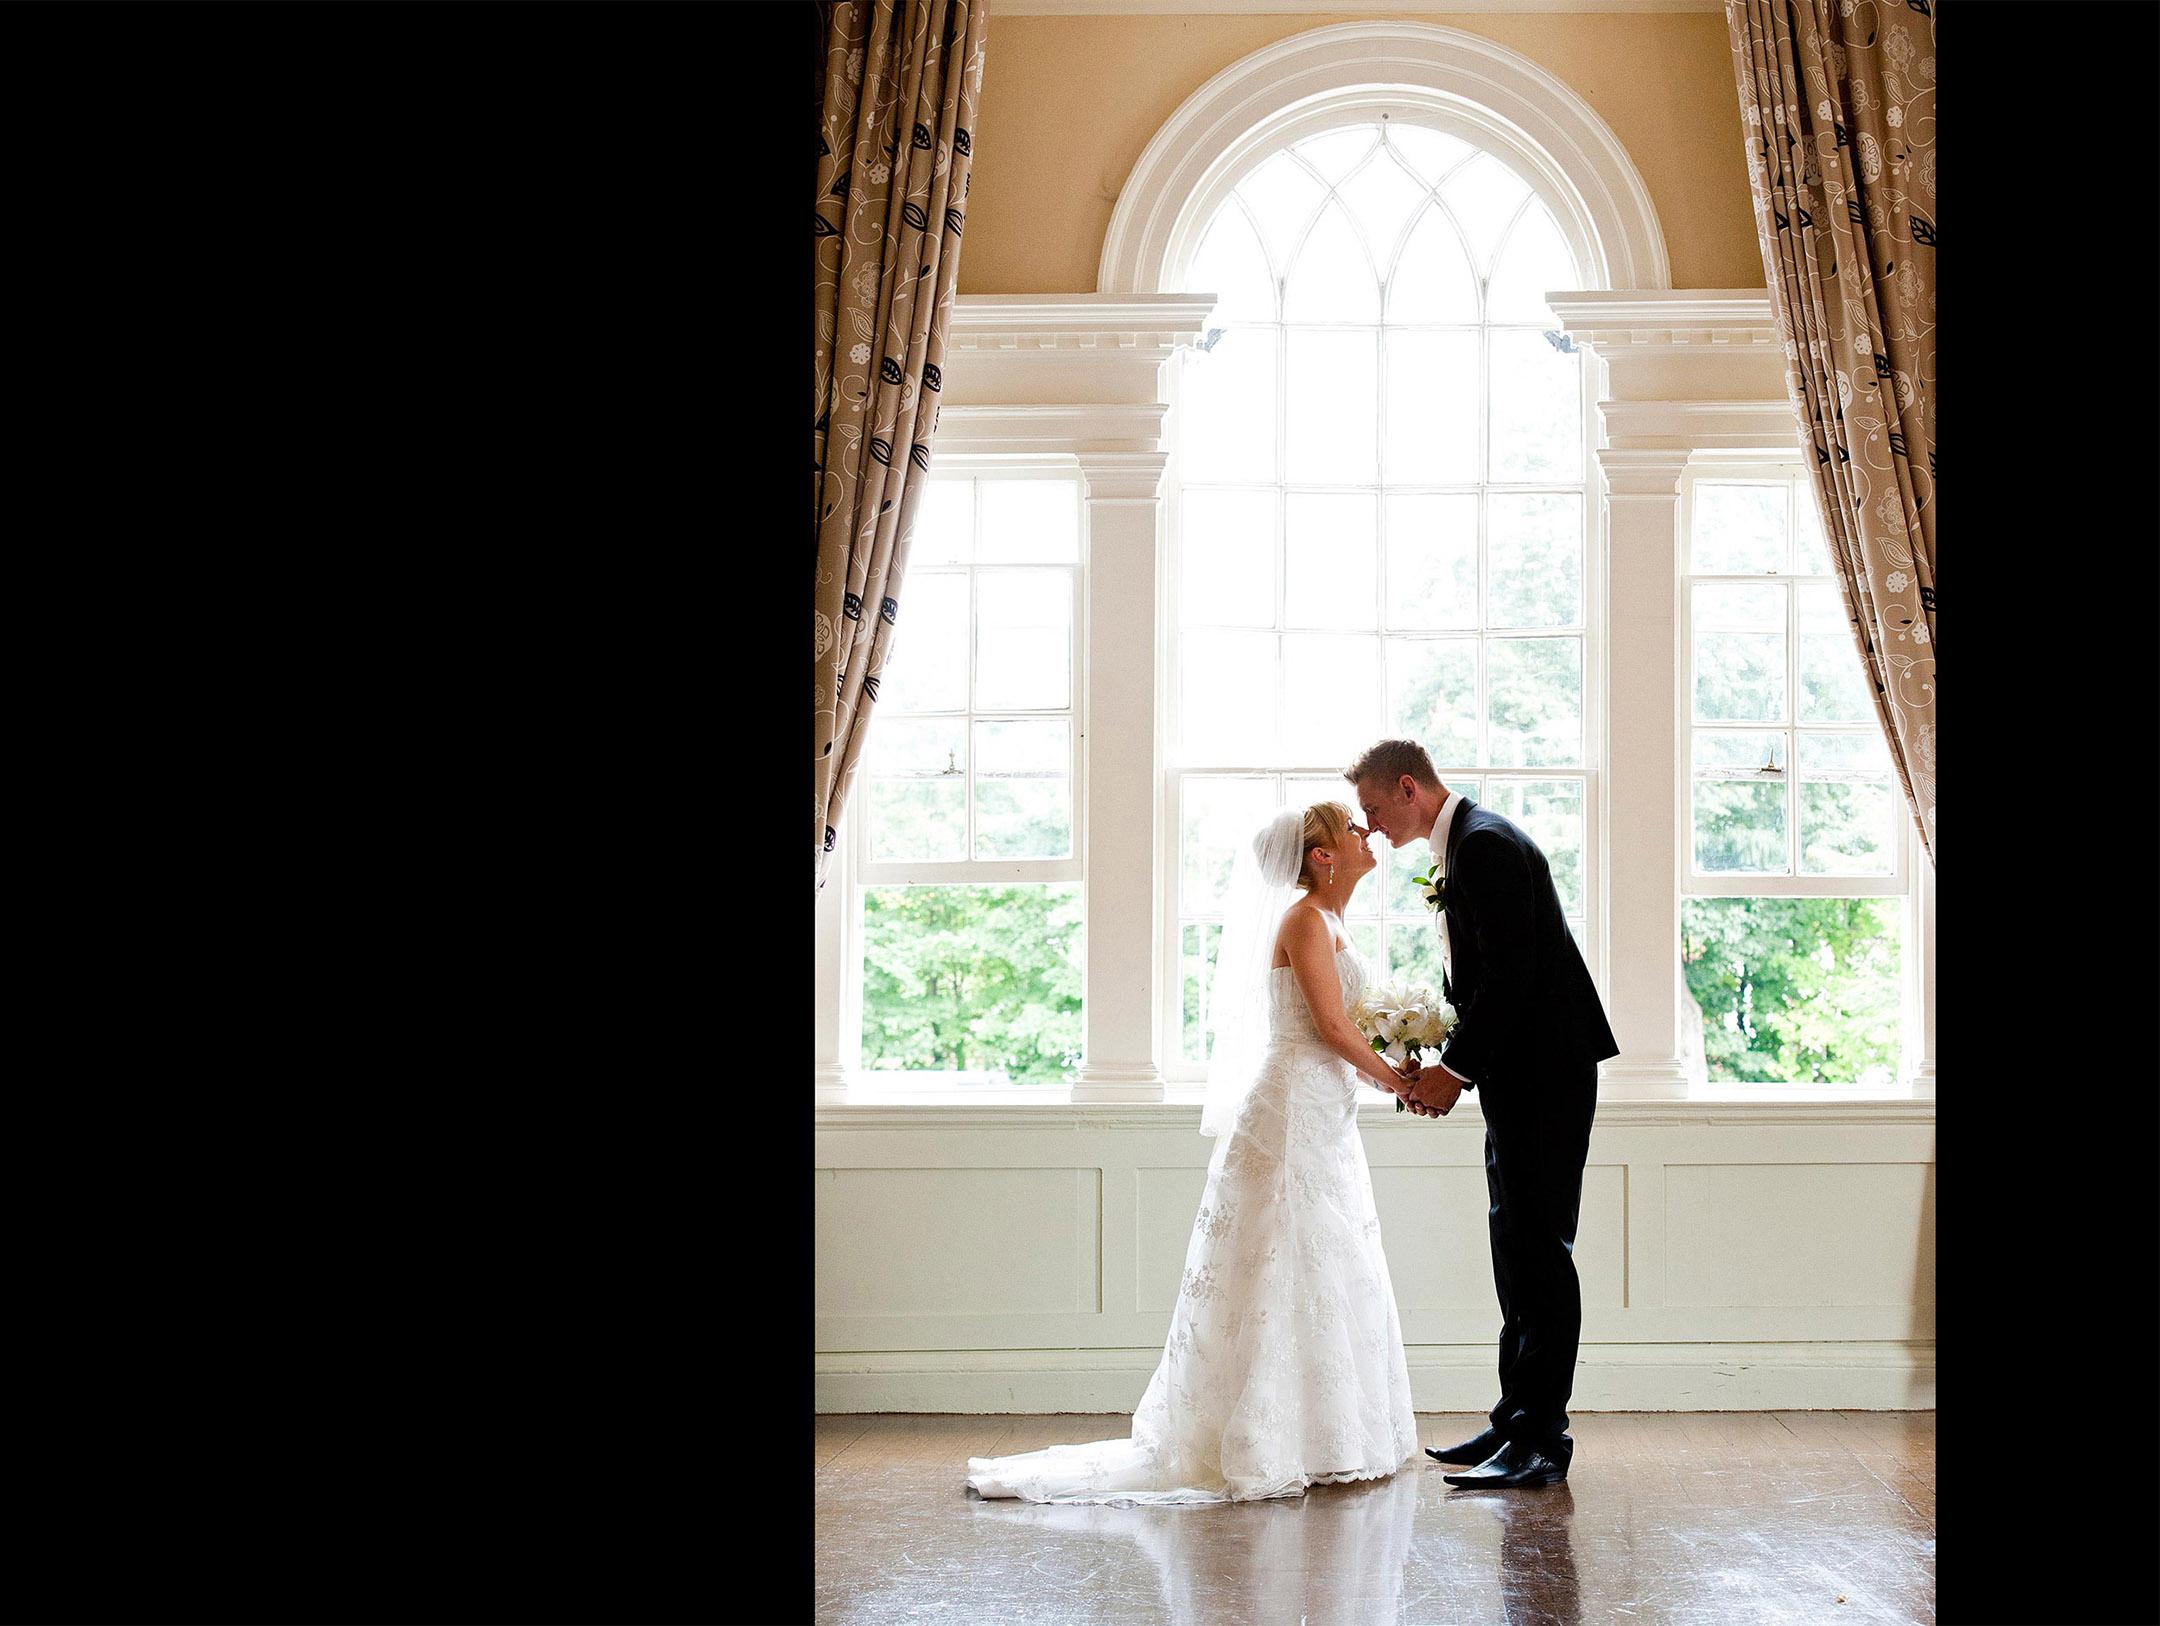 Average Wedding Photographer Cost Uk: Hitchin Wedding Photography -Hertfordshire Wedding